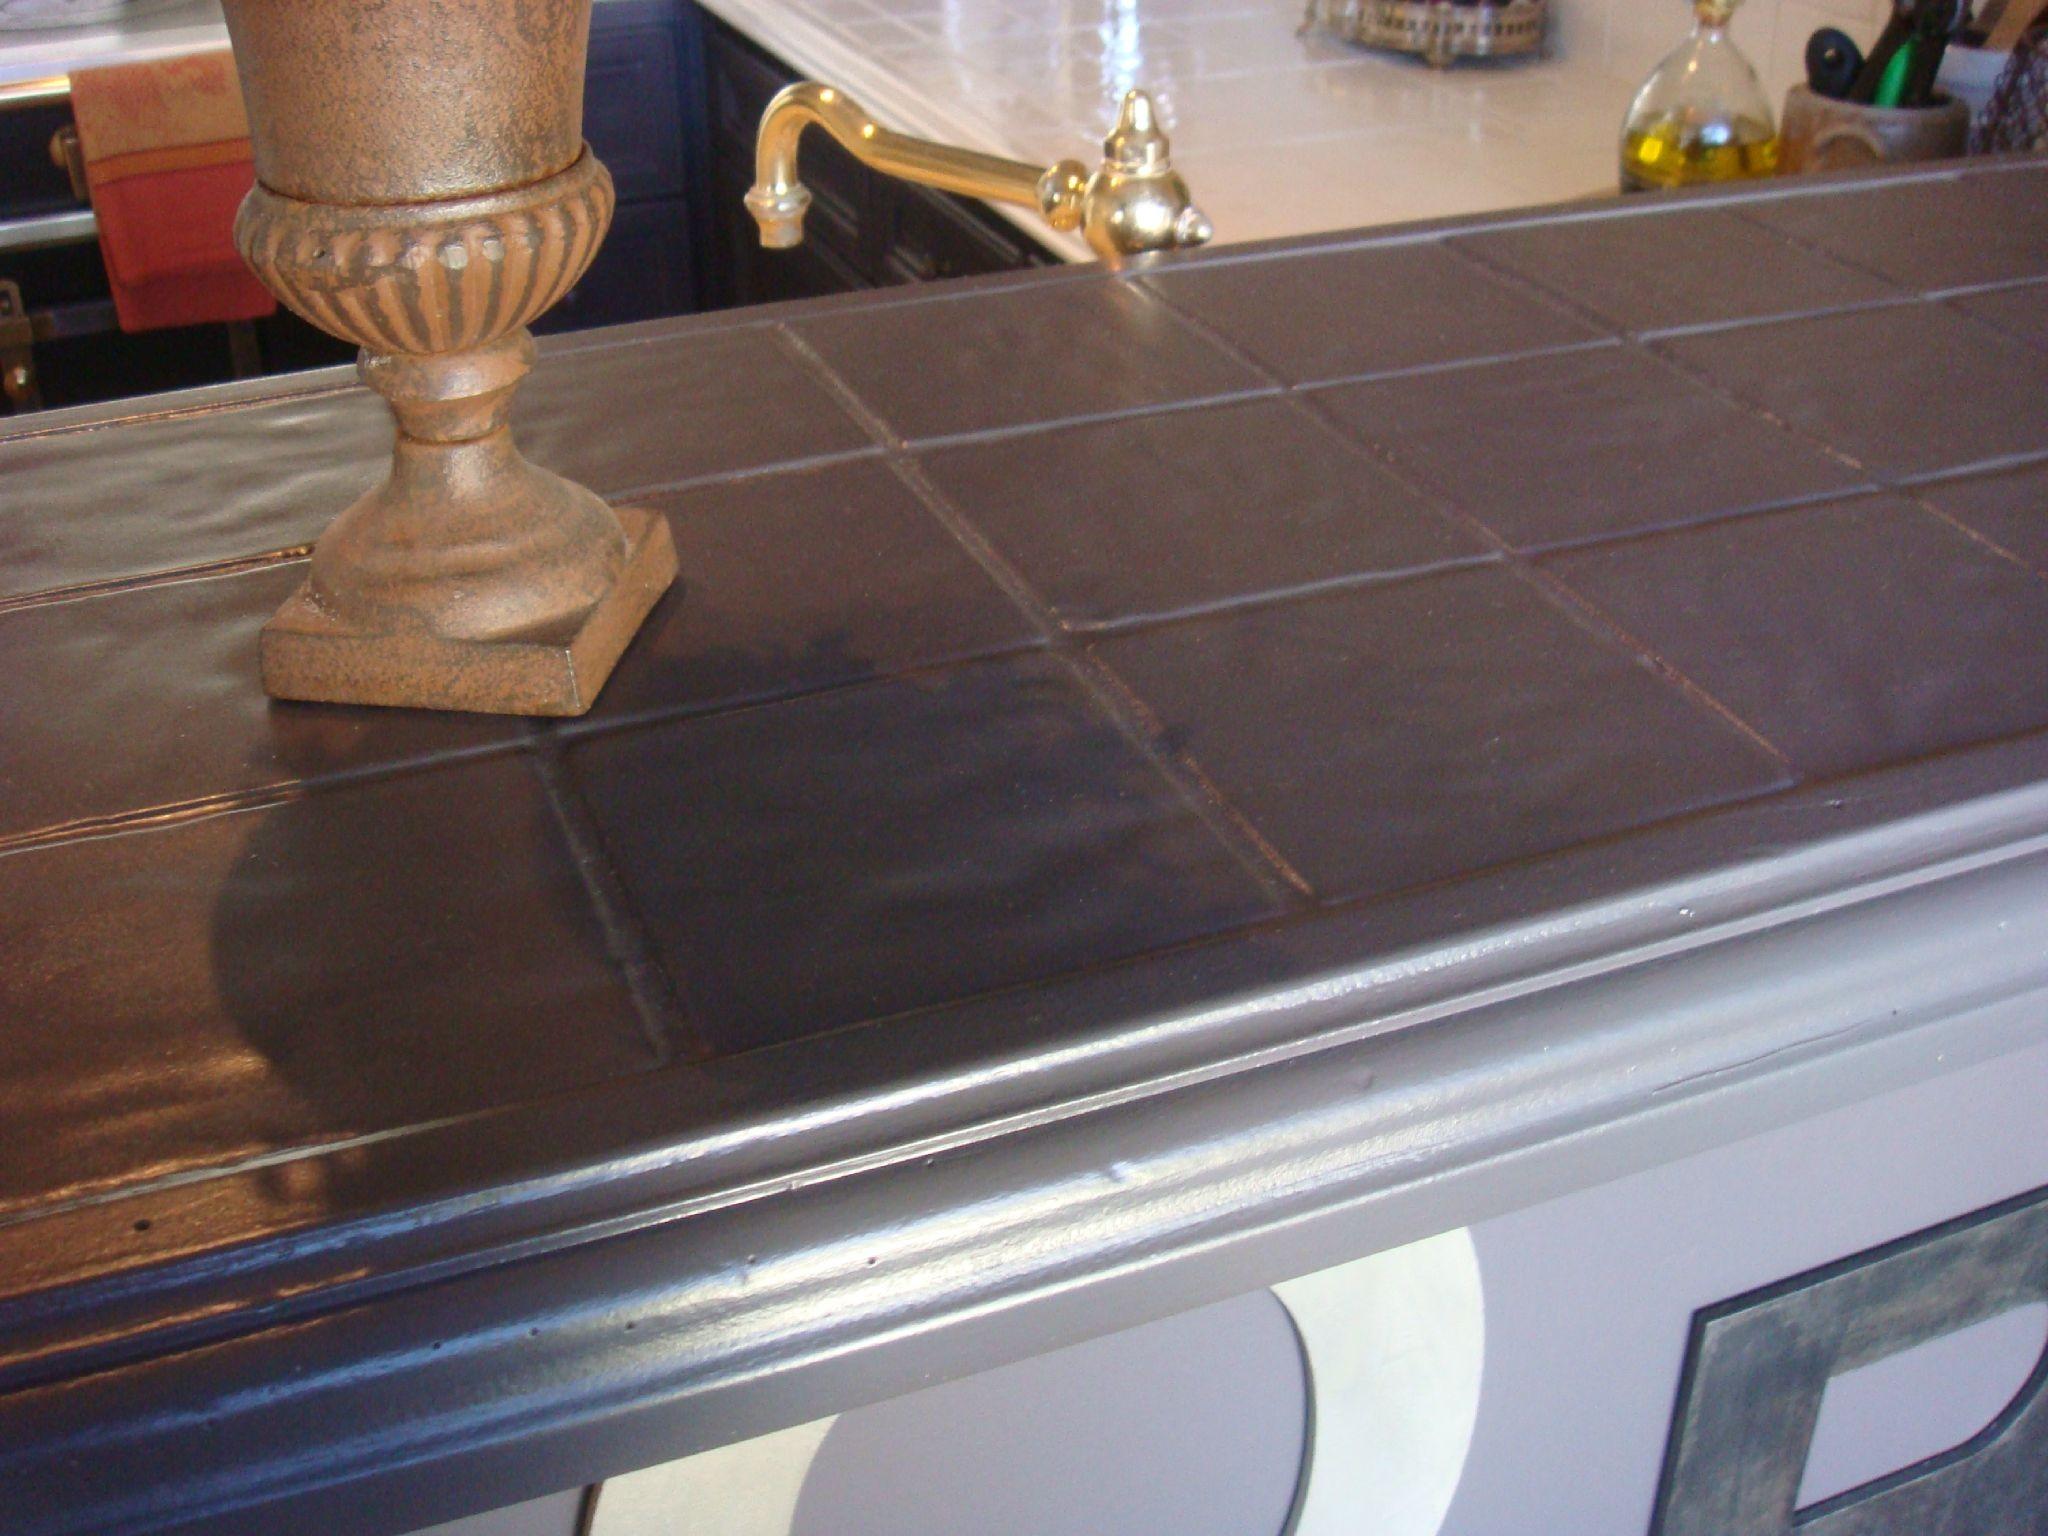 Enlever Carrelage Plan De Travail Cuisine peinture resine pour plan de travail cuisine